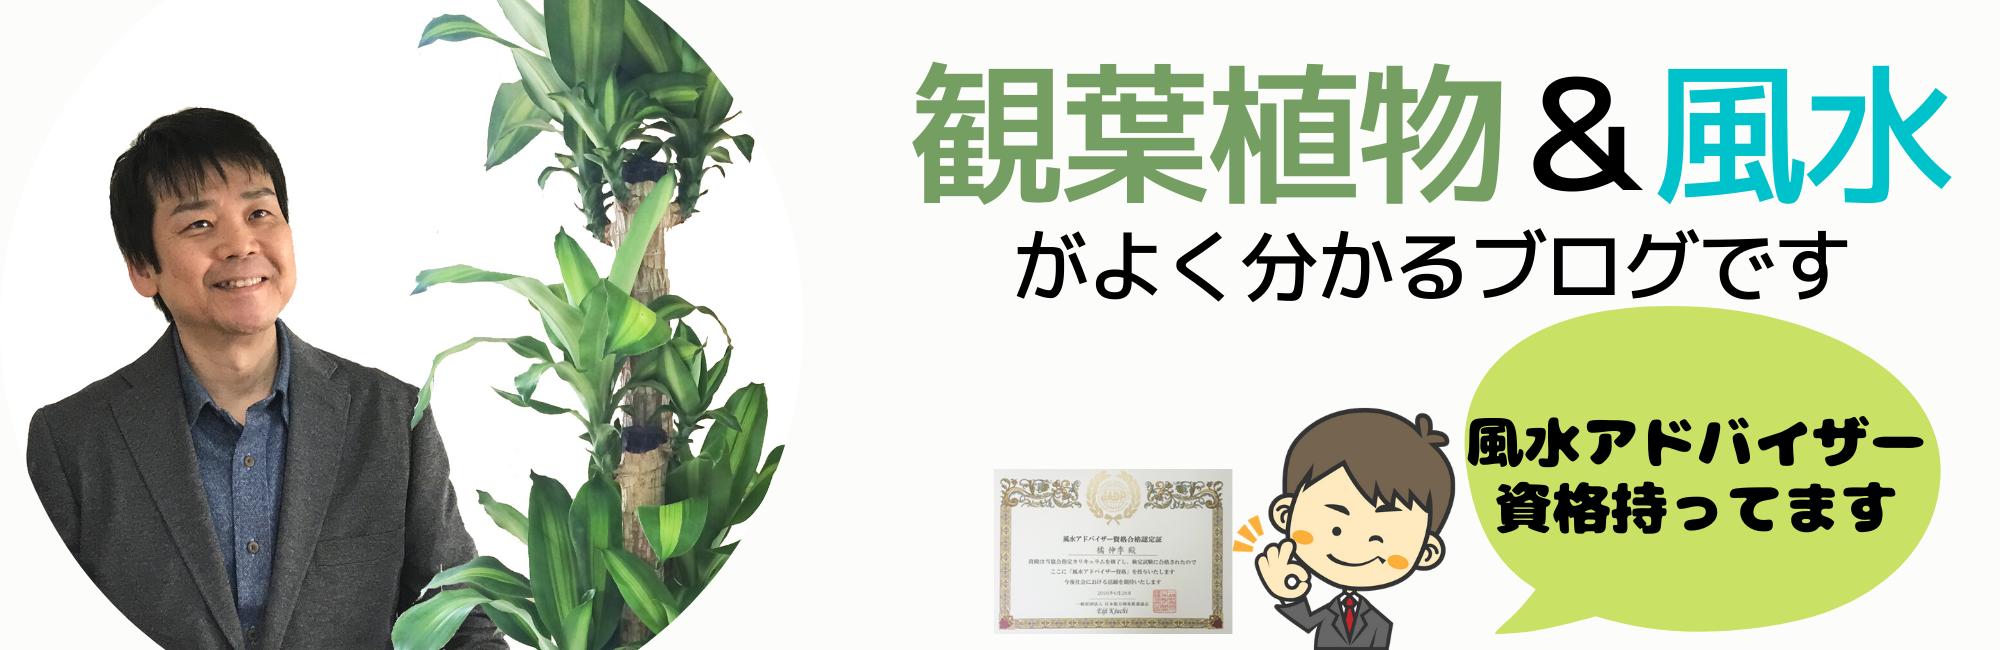 観葉植物と風水のグリーンスマイルBLOG